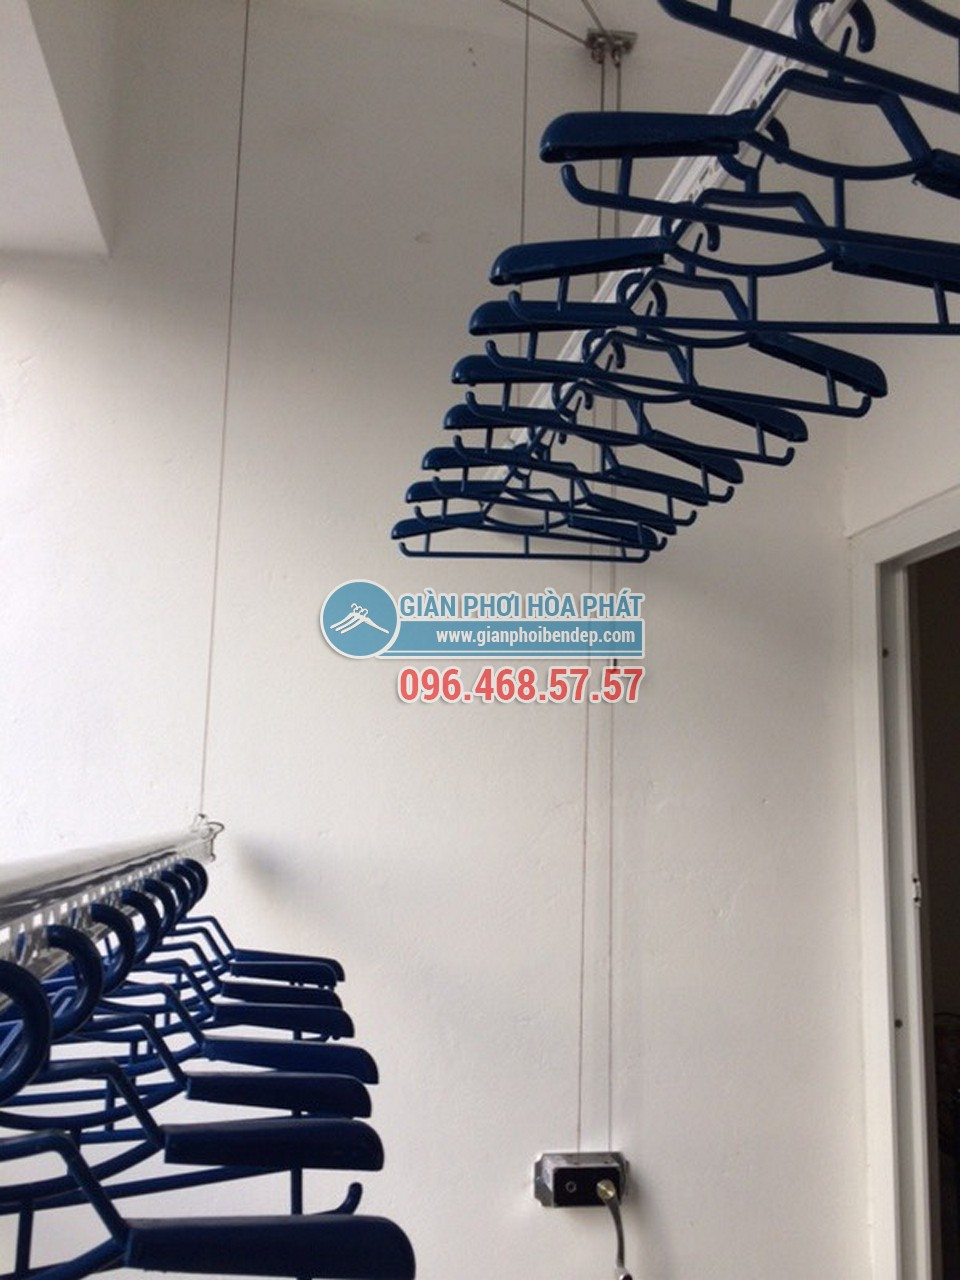 Lắp đặt giàn phơi thông minh tại ban công nhà chị Thảo, AZ Sky Tower Định Công - 04